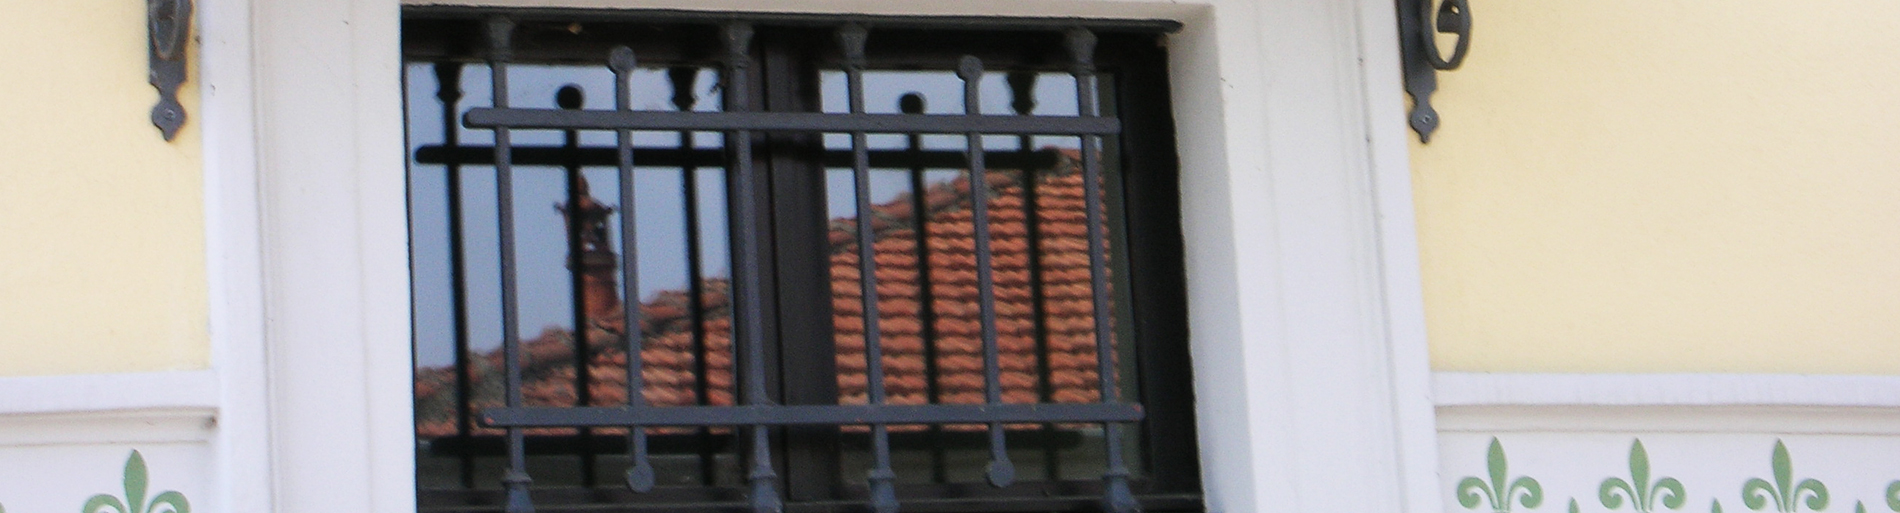 Grate di sicurezza per finestre e porte tecno serramenti - Grate di sicurezza per finestre ...